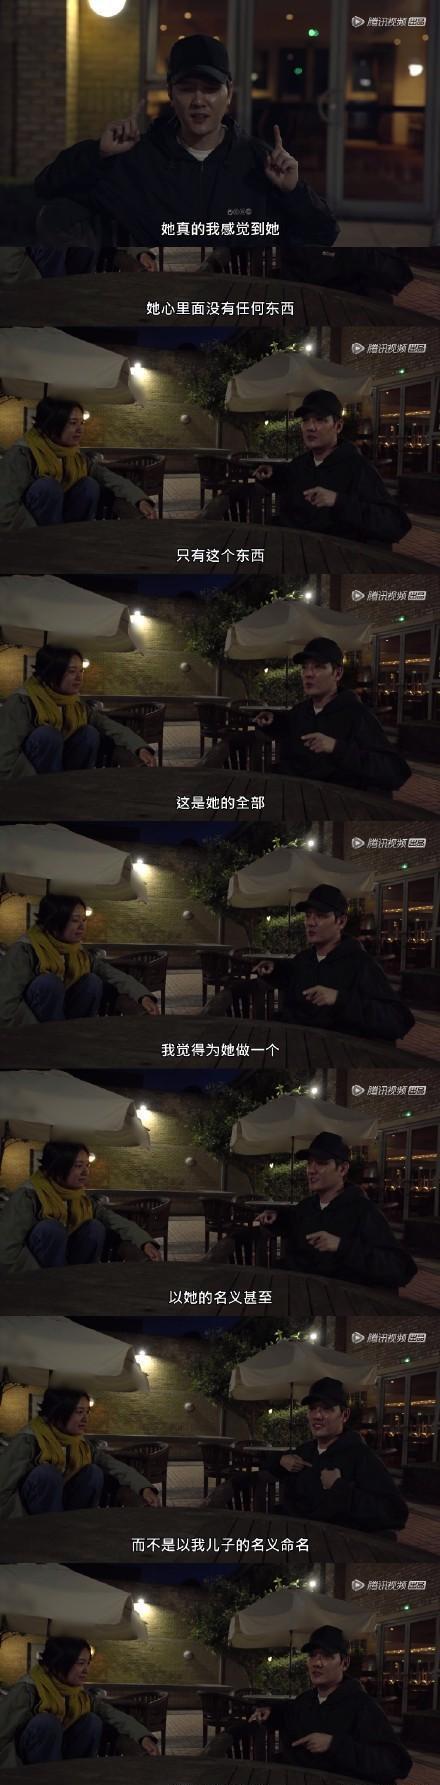 赵丽颖:比之婚姻更幸福的是破茧成蝶的痛